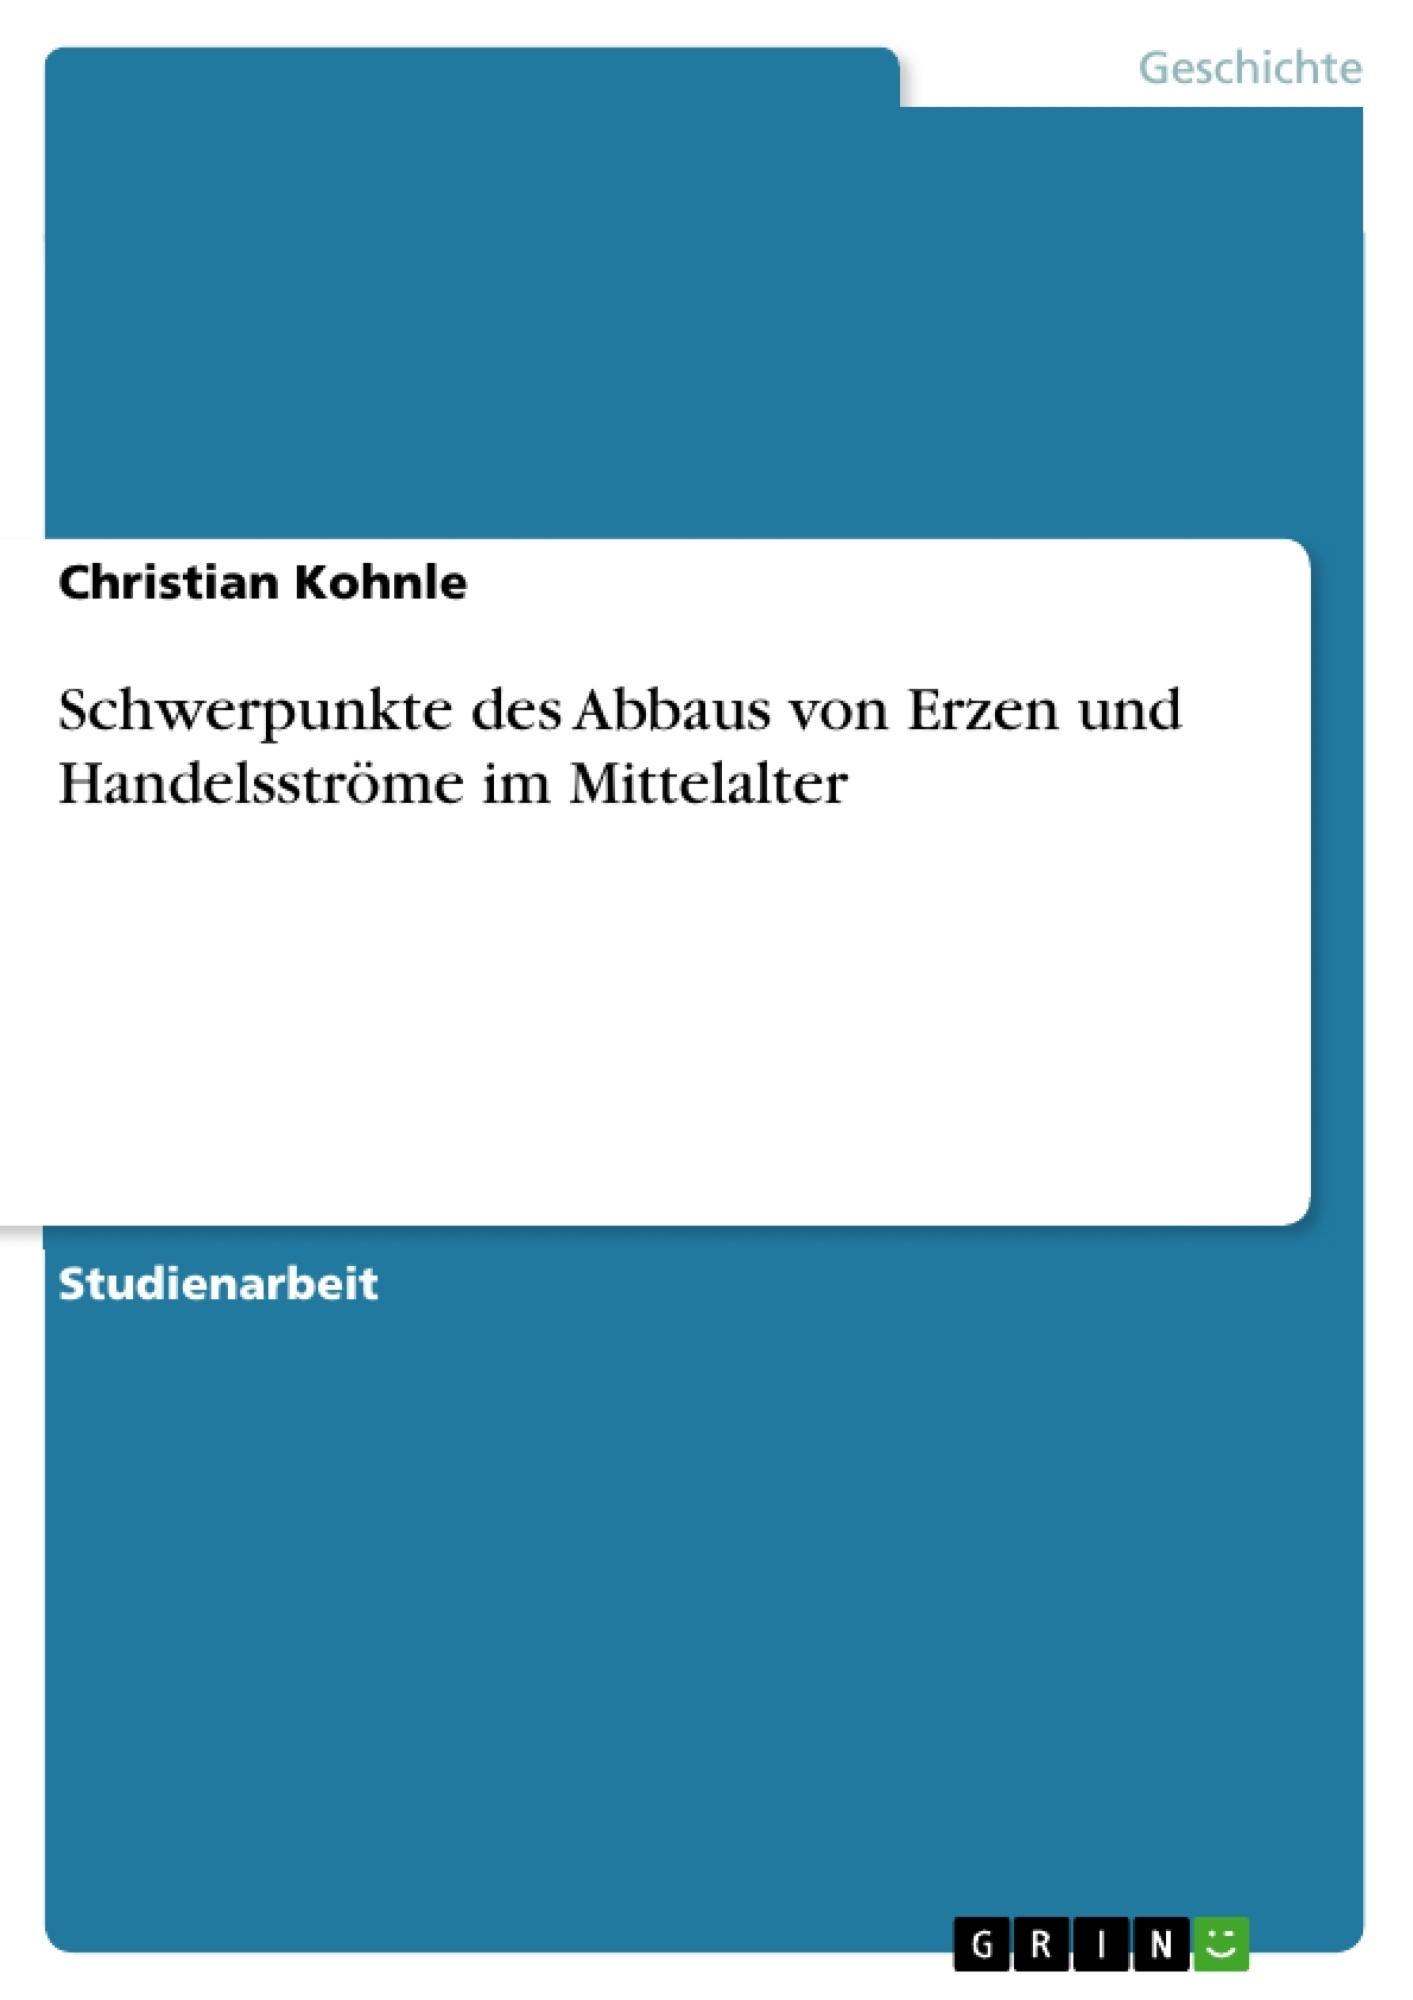 Titel: Schwerpunkte des Abbaus von Erzen und Handelsströme im Mittelalter